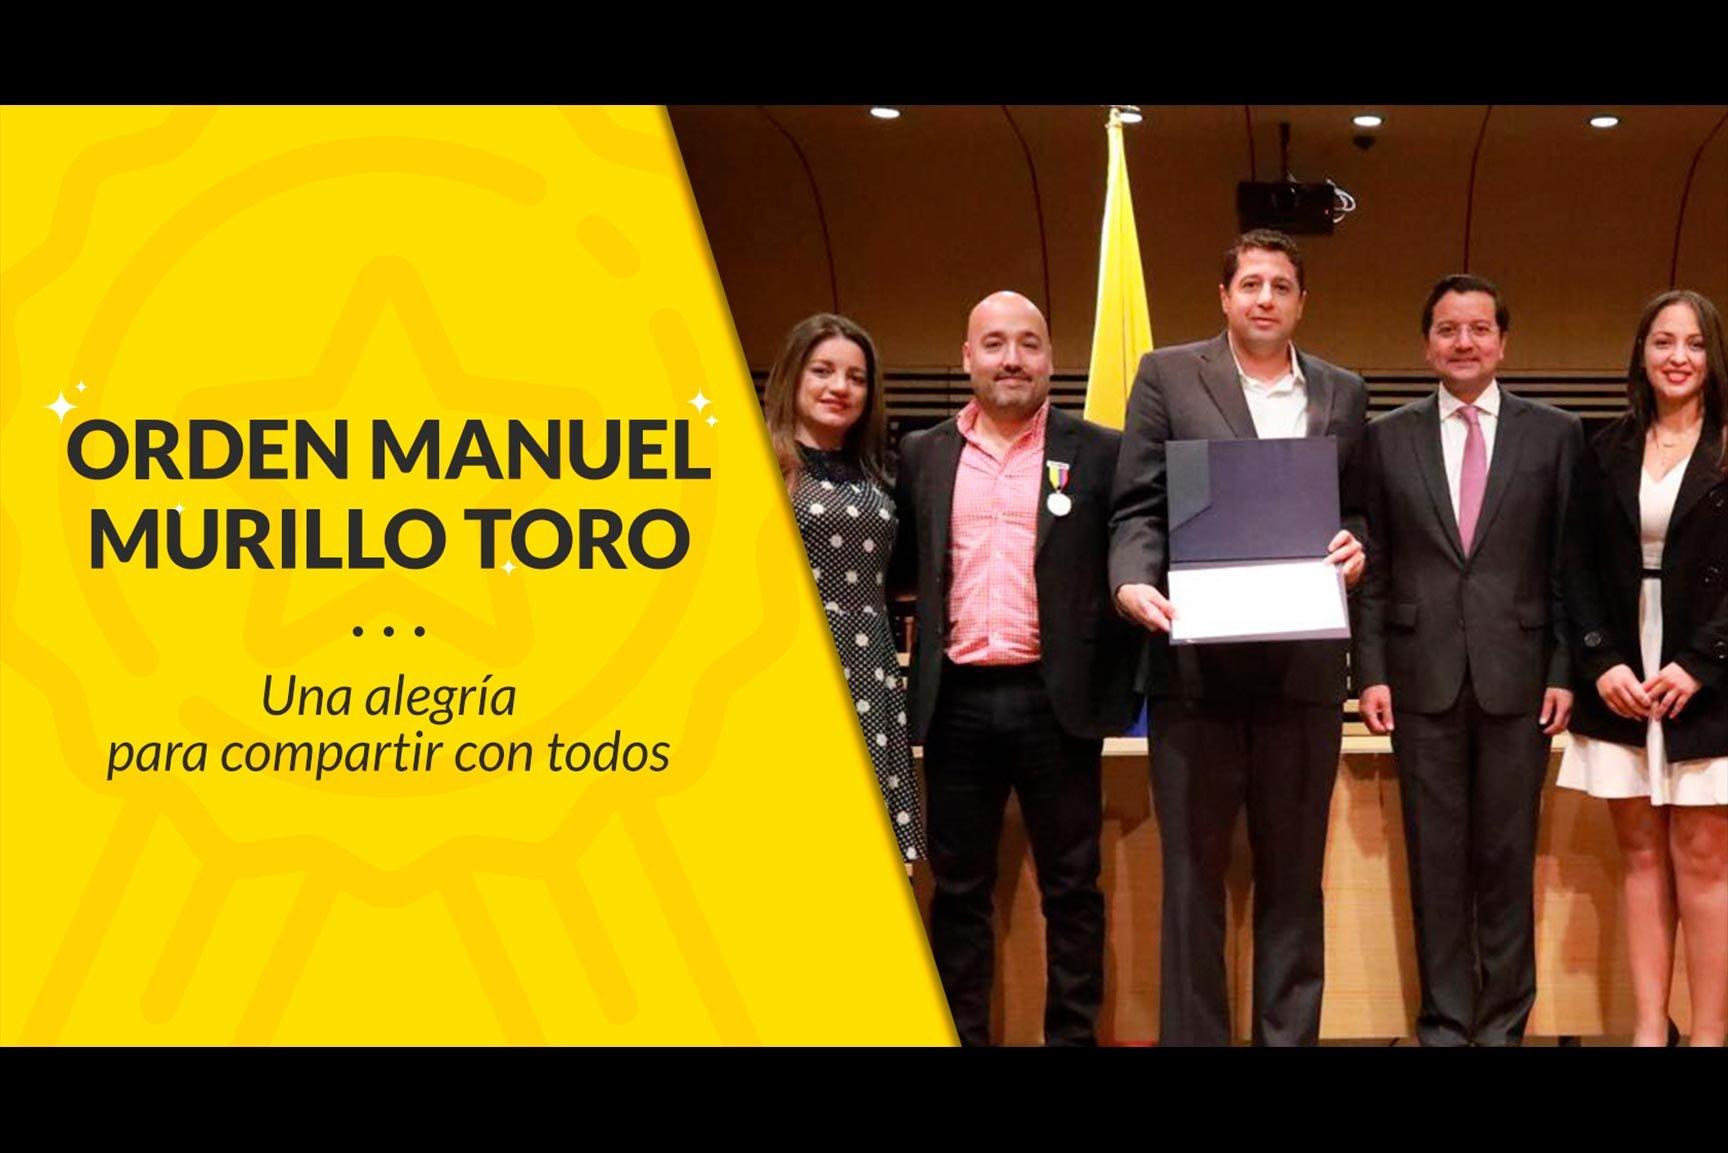 h_orden_manuel_murillo_toro_una_alegria_para_compartir_con_todos.jpg